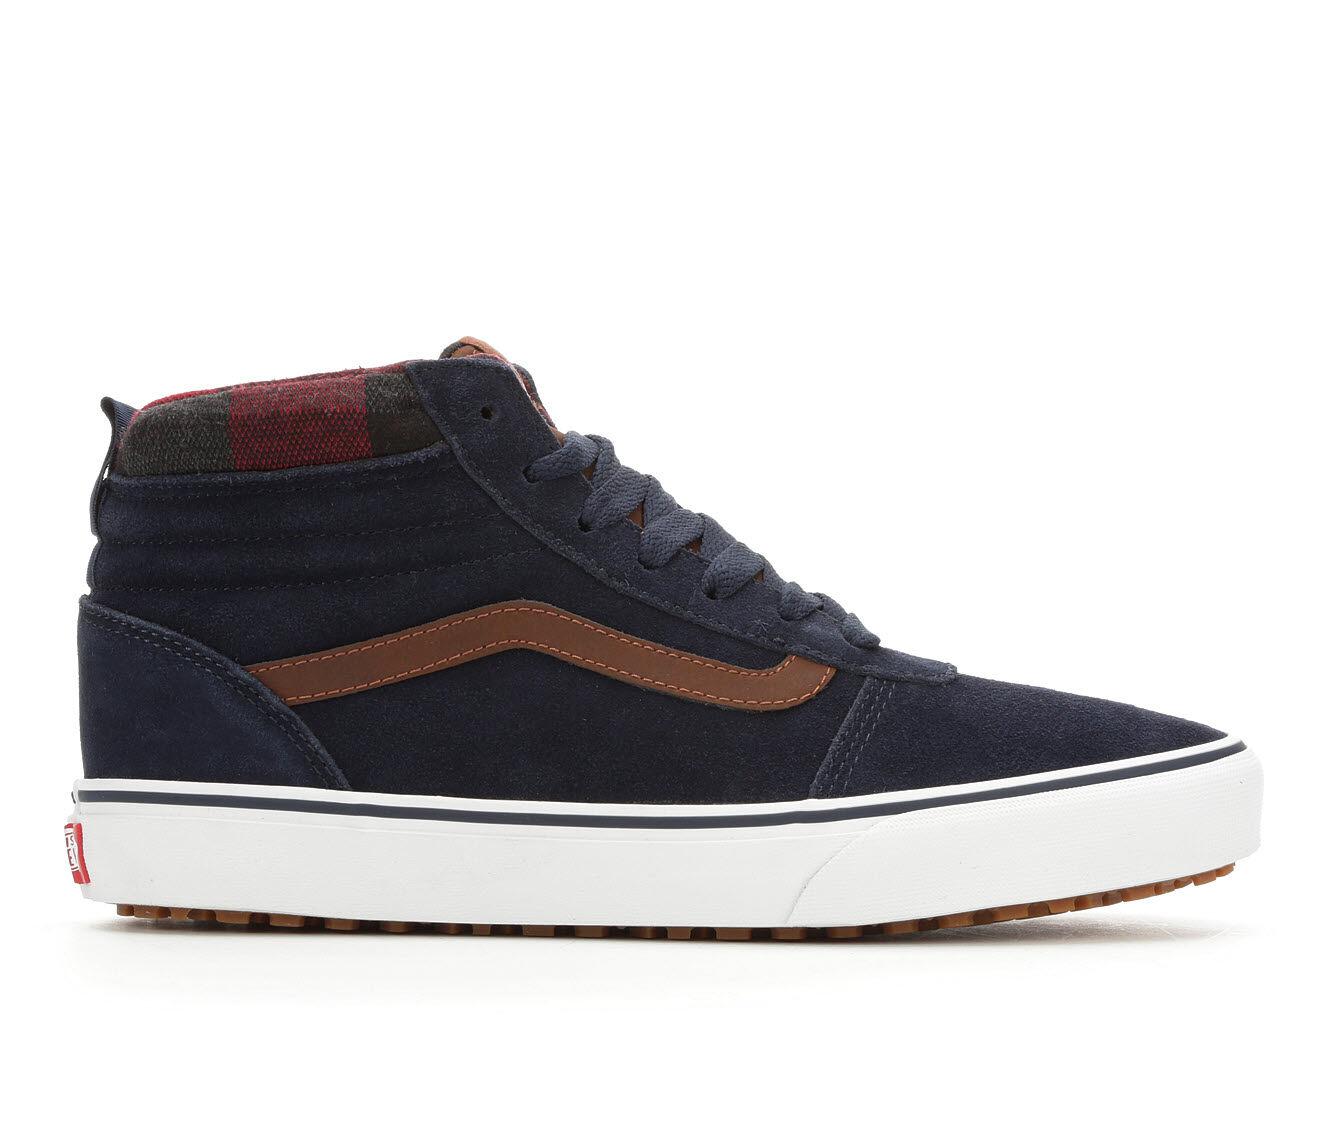 factory direct Men's Vans Ward Hi MTE Skate Shoes Blu/Brn/Wht/Pld